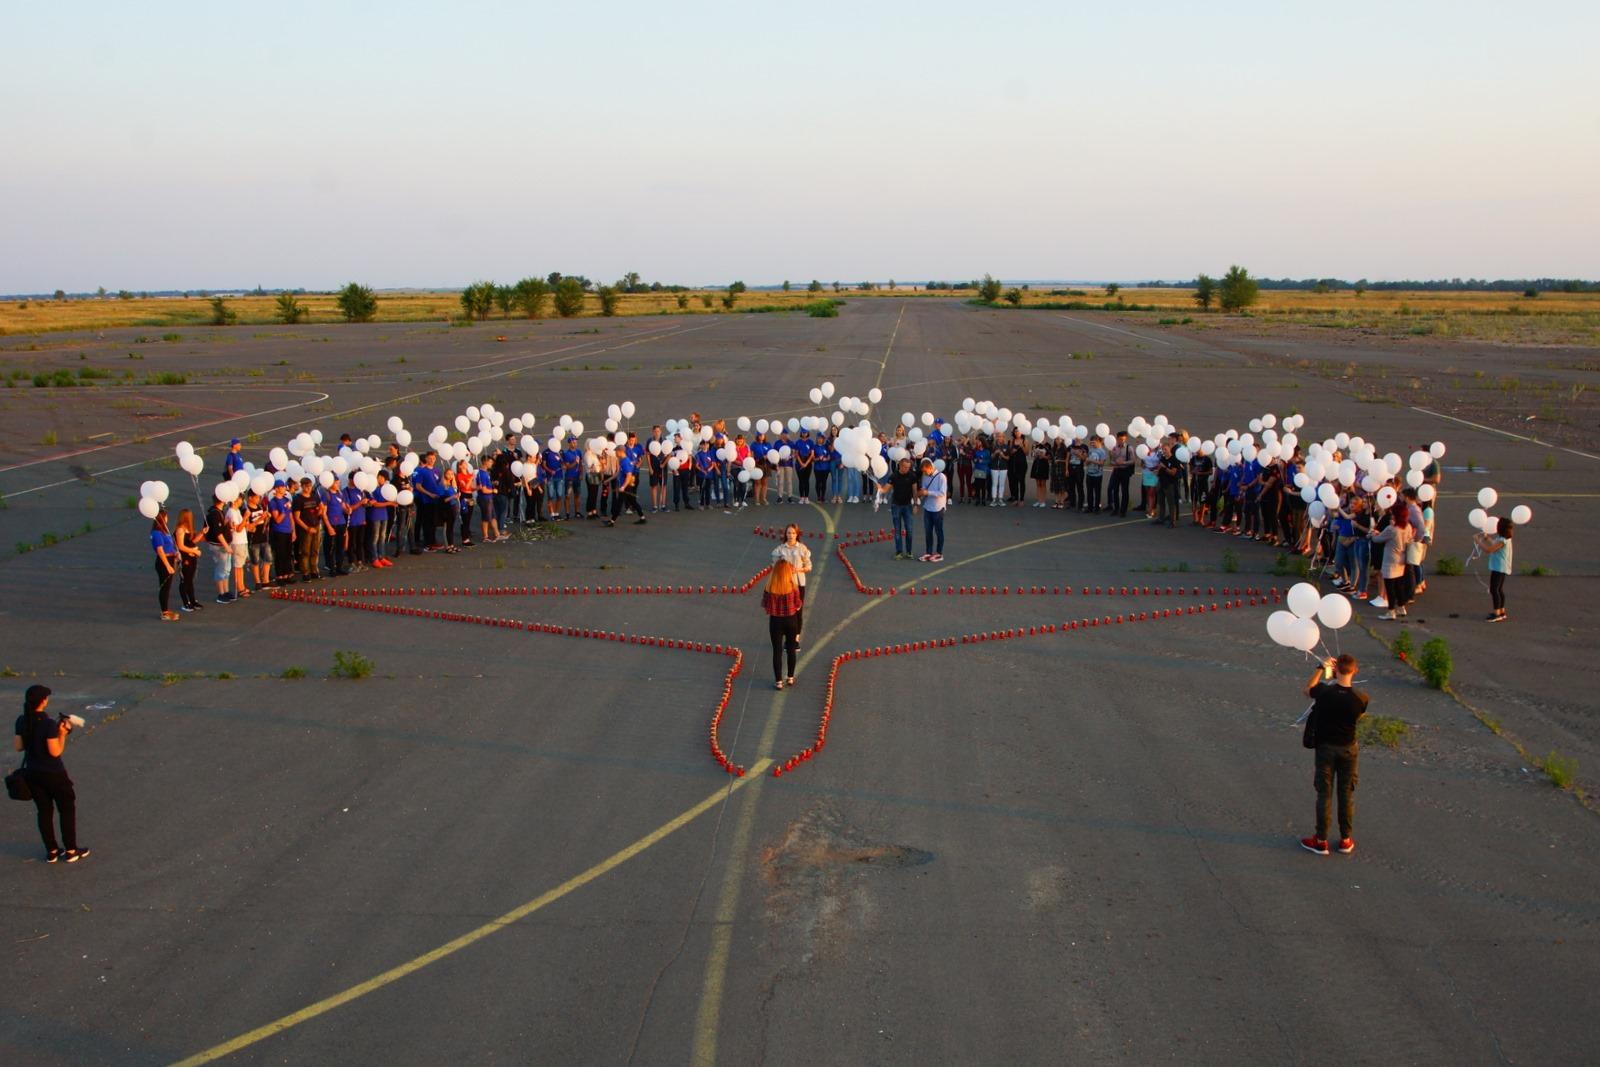 Луганчане организовали в аэропорту Луганска траурный митинг по случаю 5-й годовщины со дня крушения пассажирского авиалайнера Боинг-777